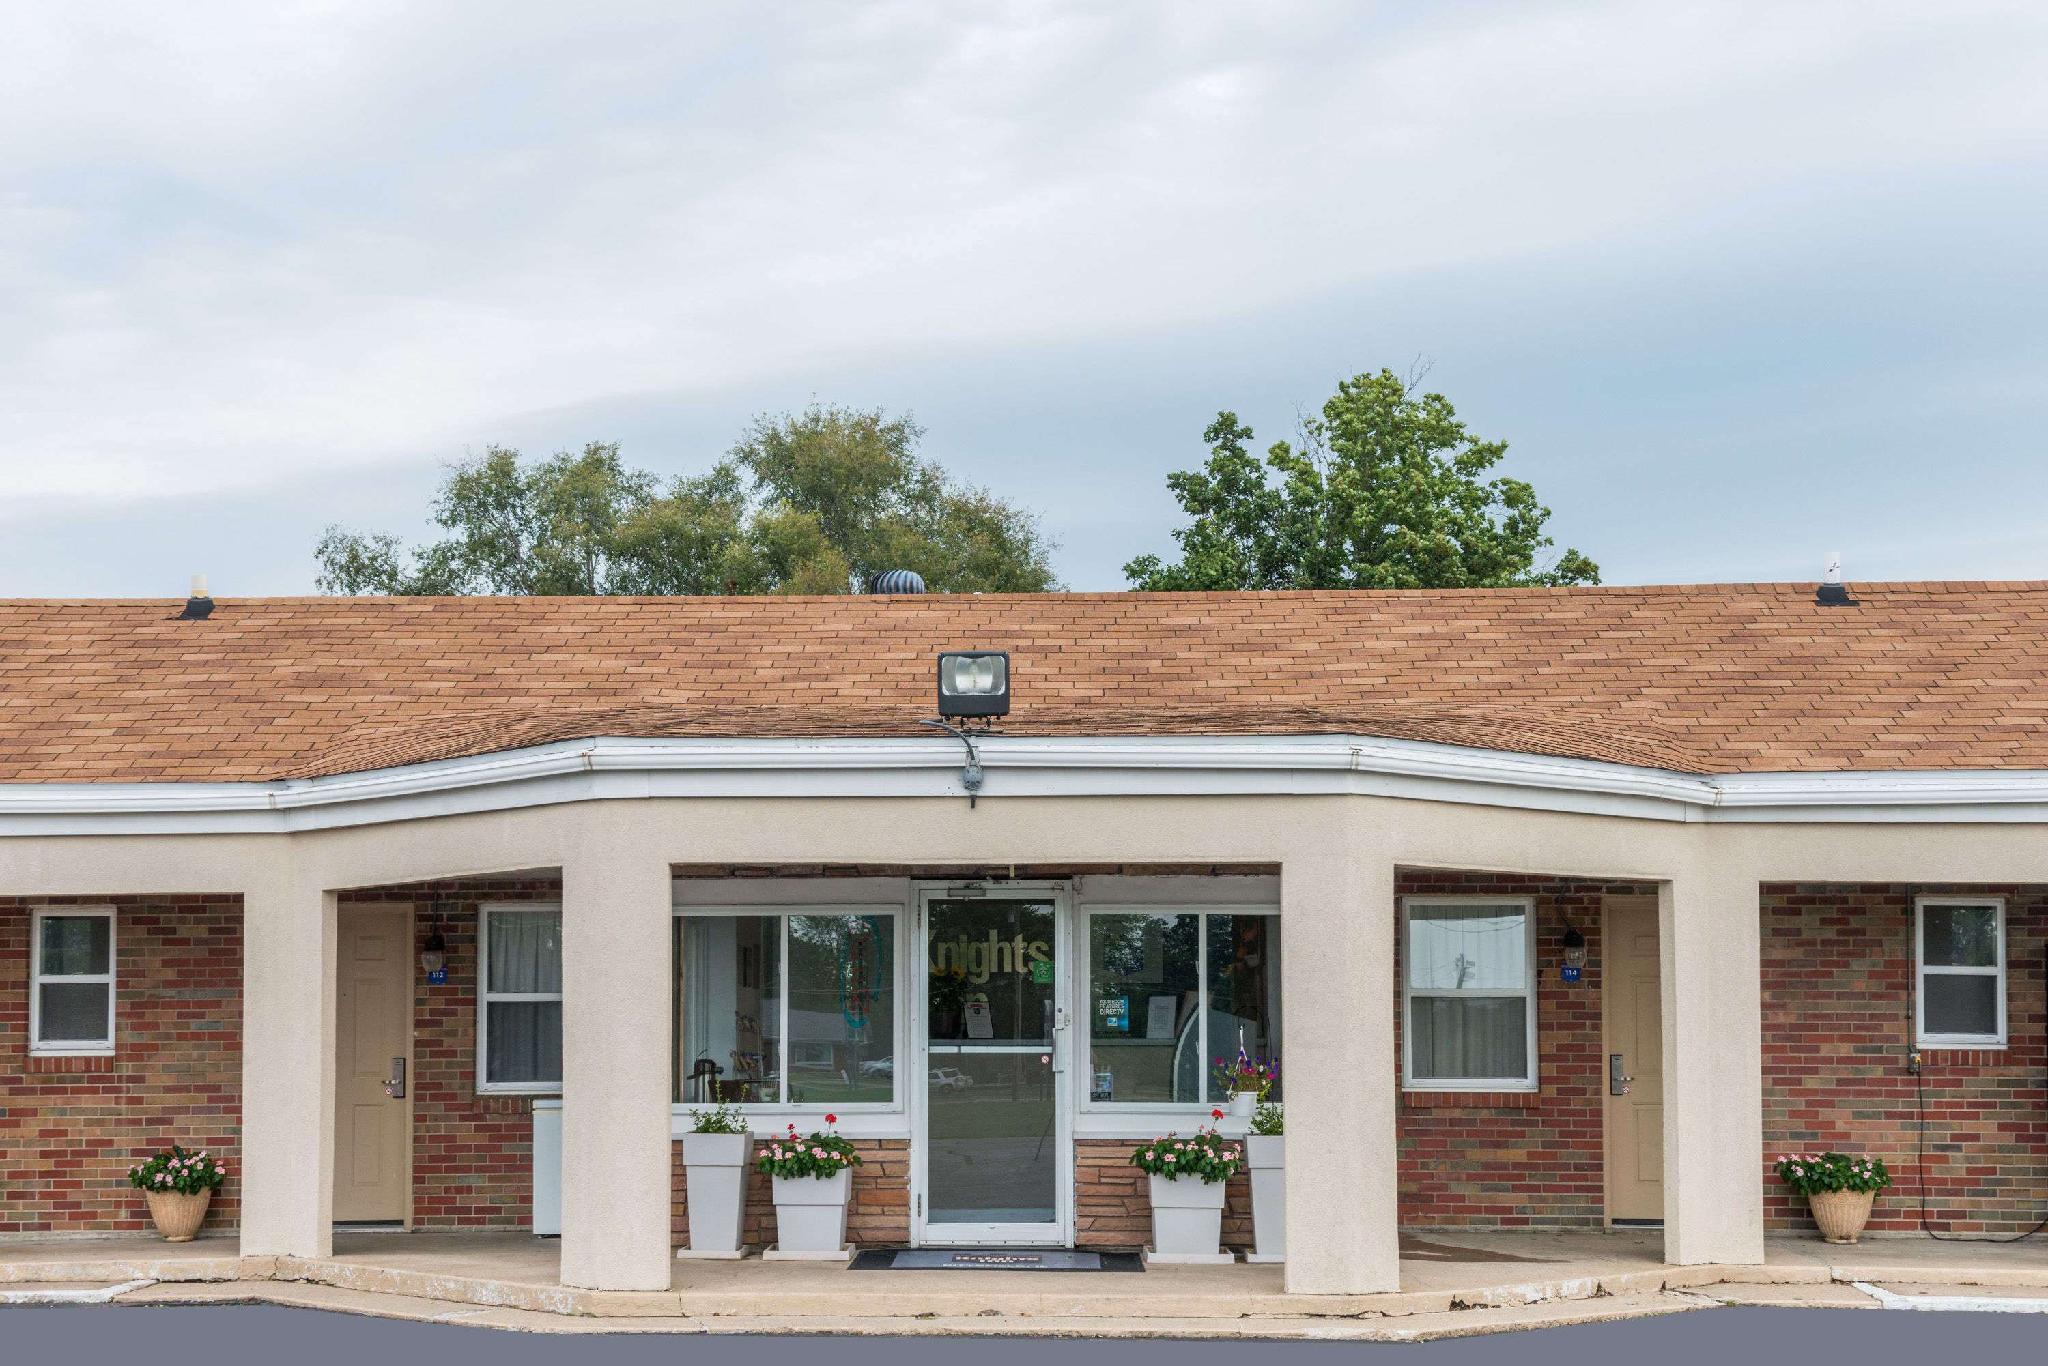 Knights Inn - Pittsfield, IL, Pike